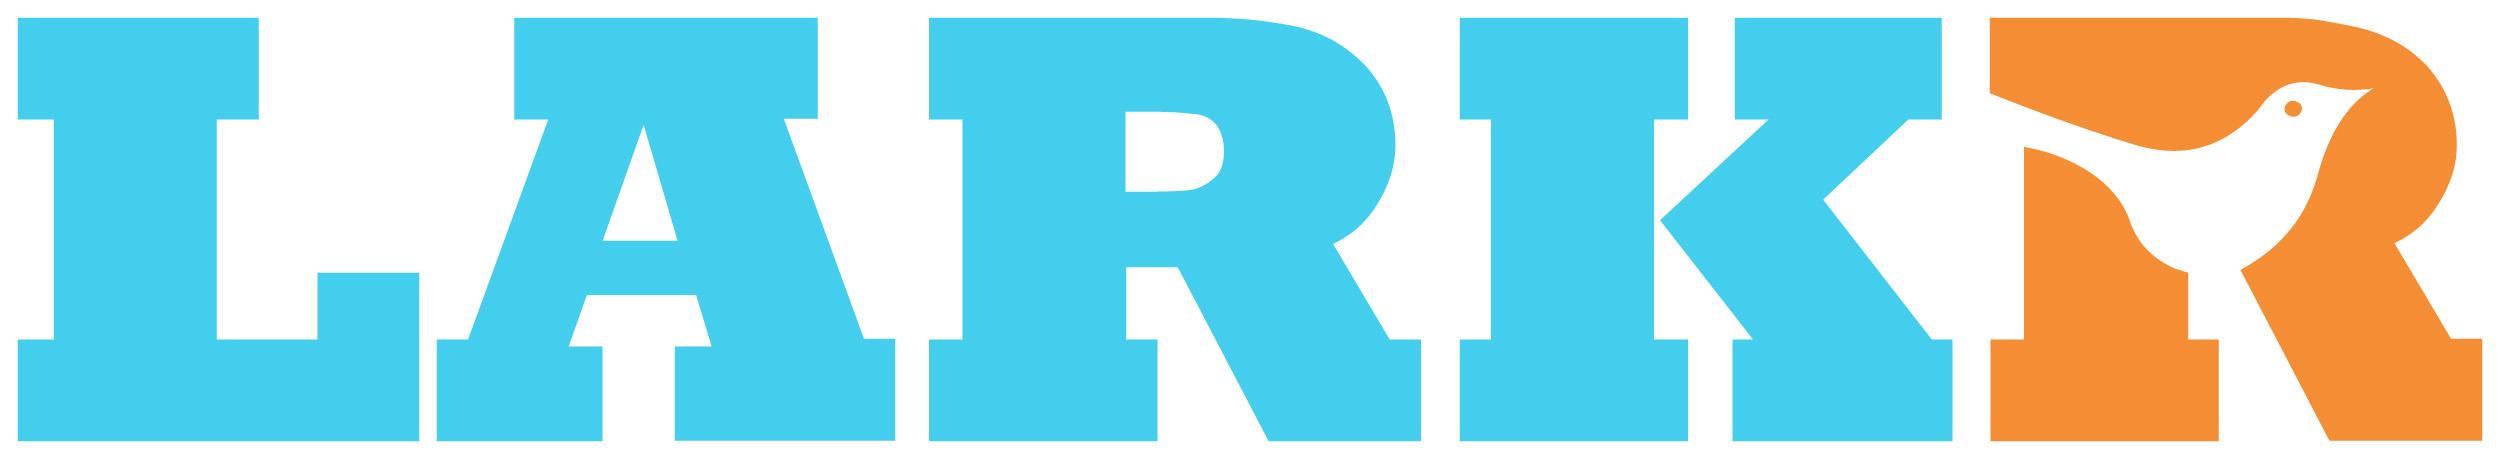 Larkr Logo